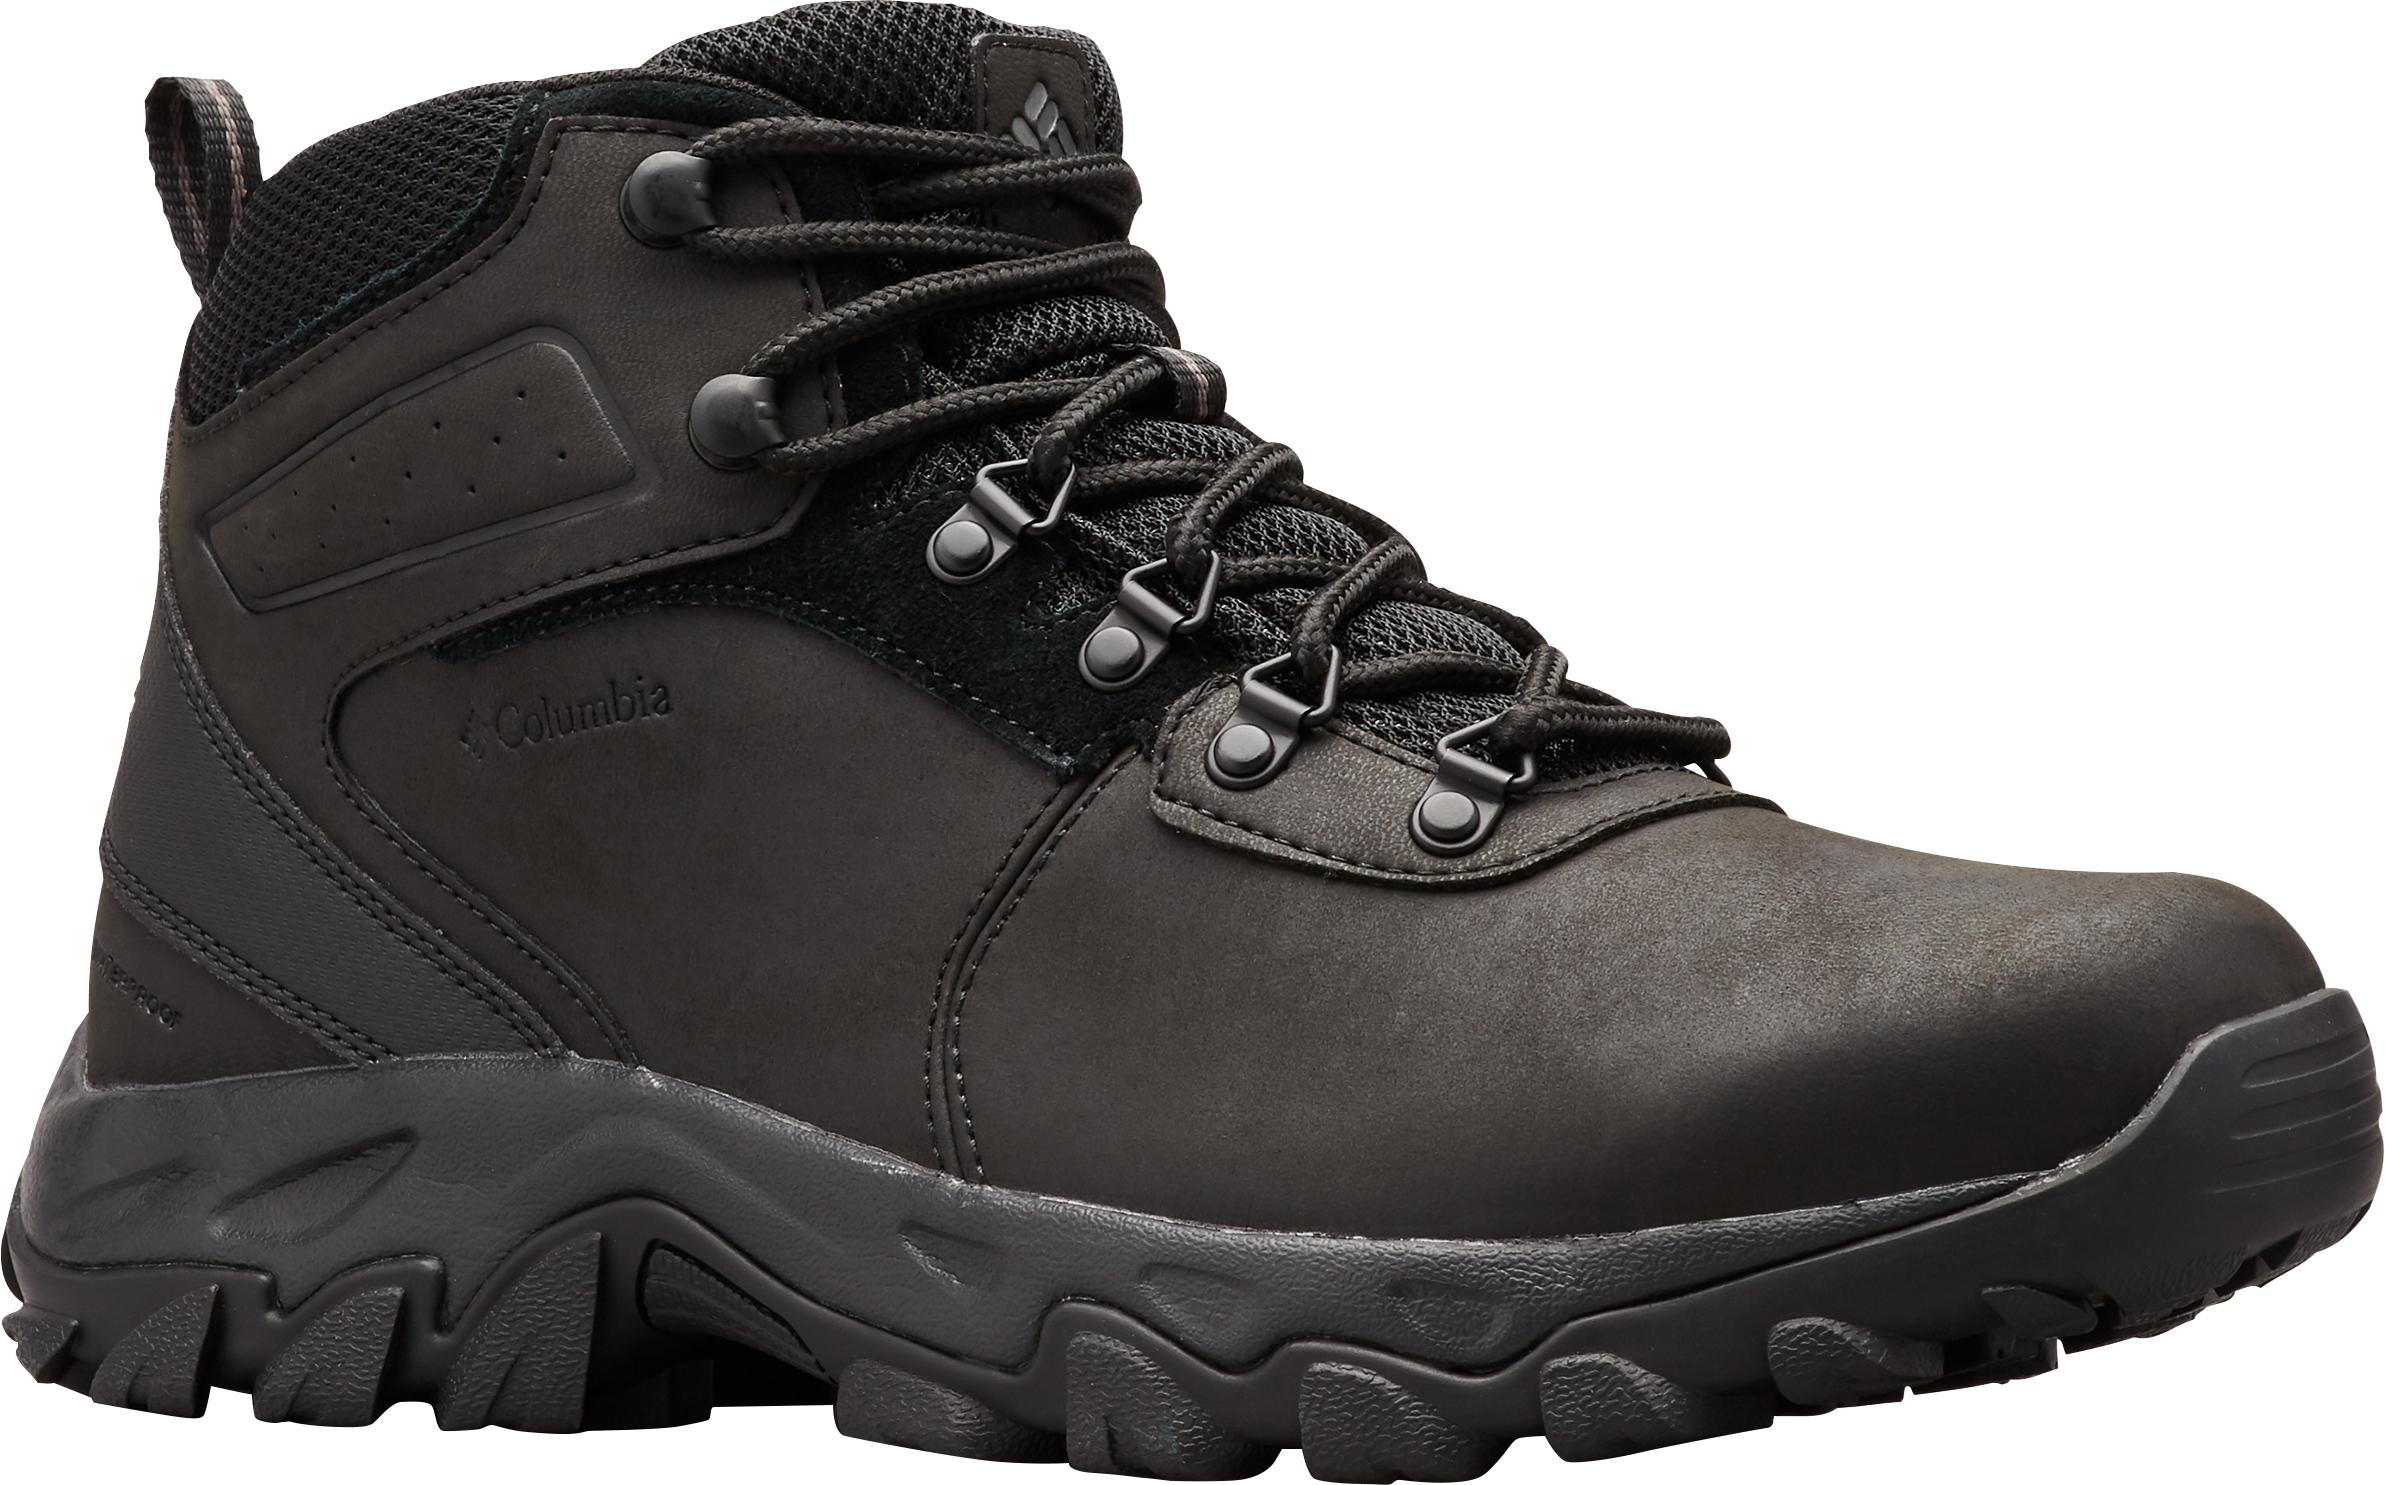 columbia hiking boots men's waterproof